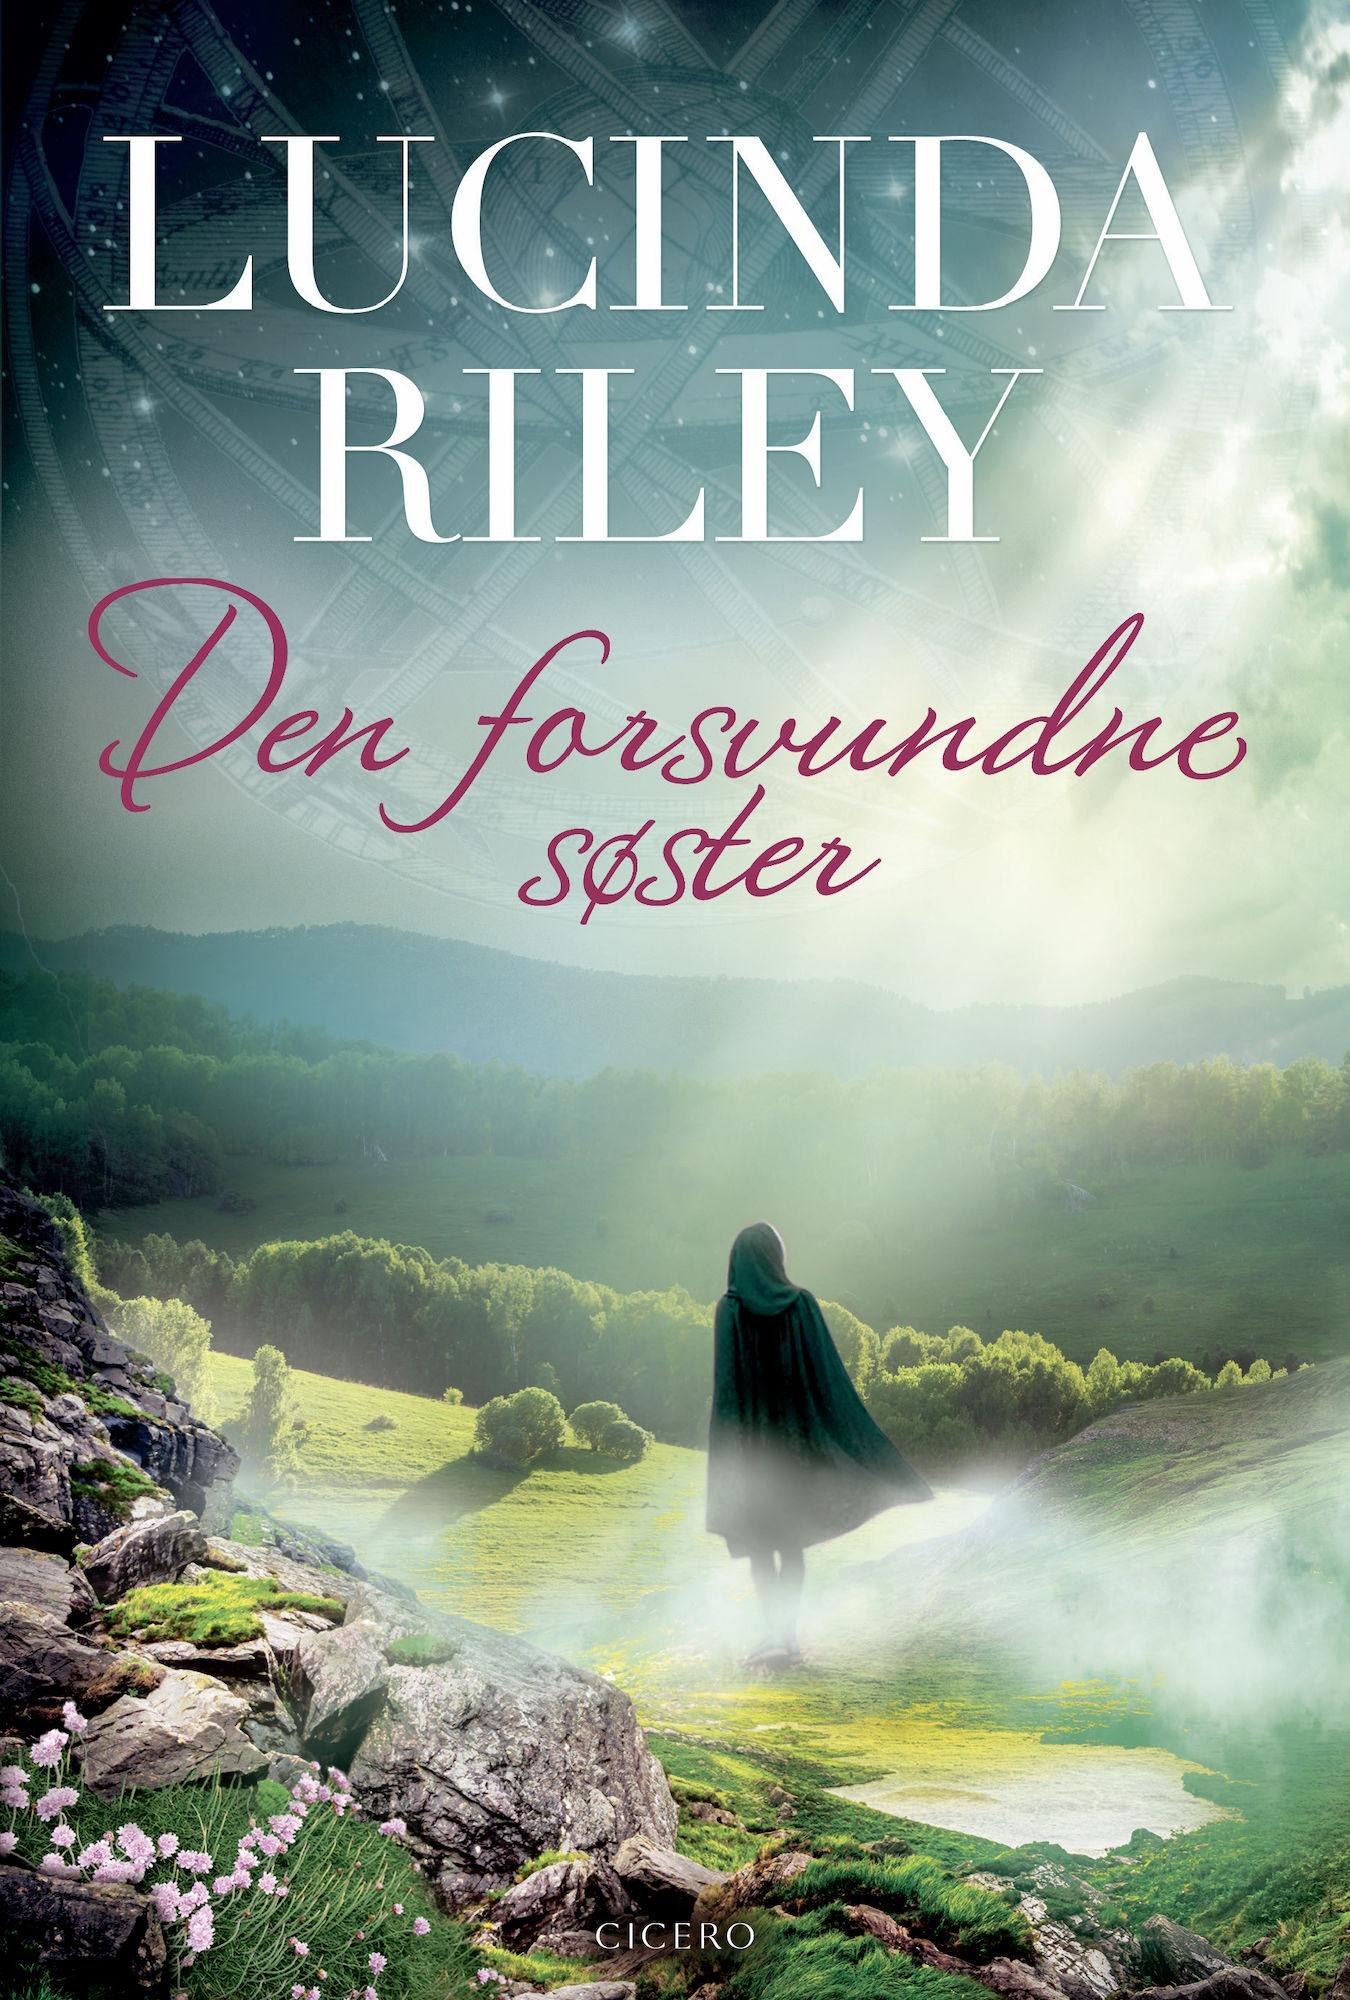 Den forsvundne søster - Lucinda Riley - Bøger - Cicero - 9788763861649 - May 27, 2021